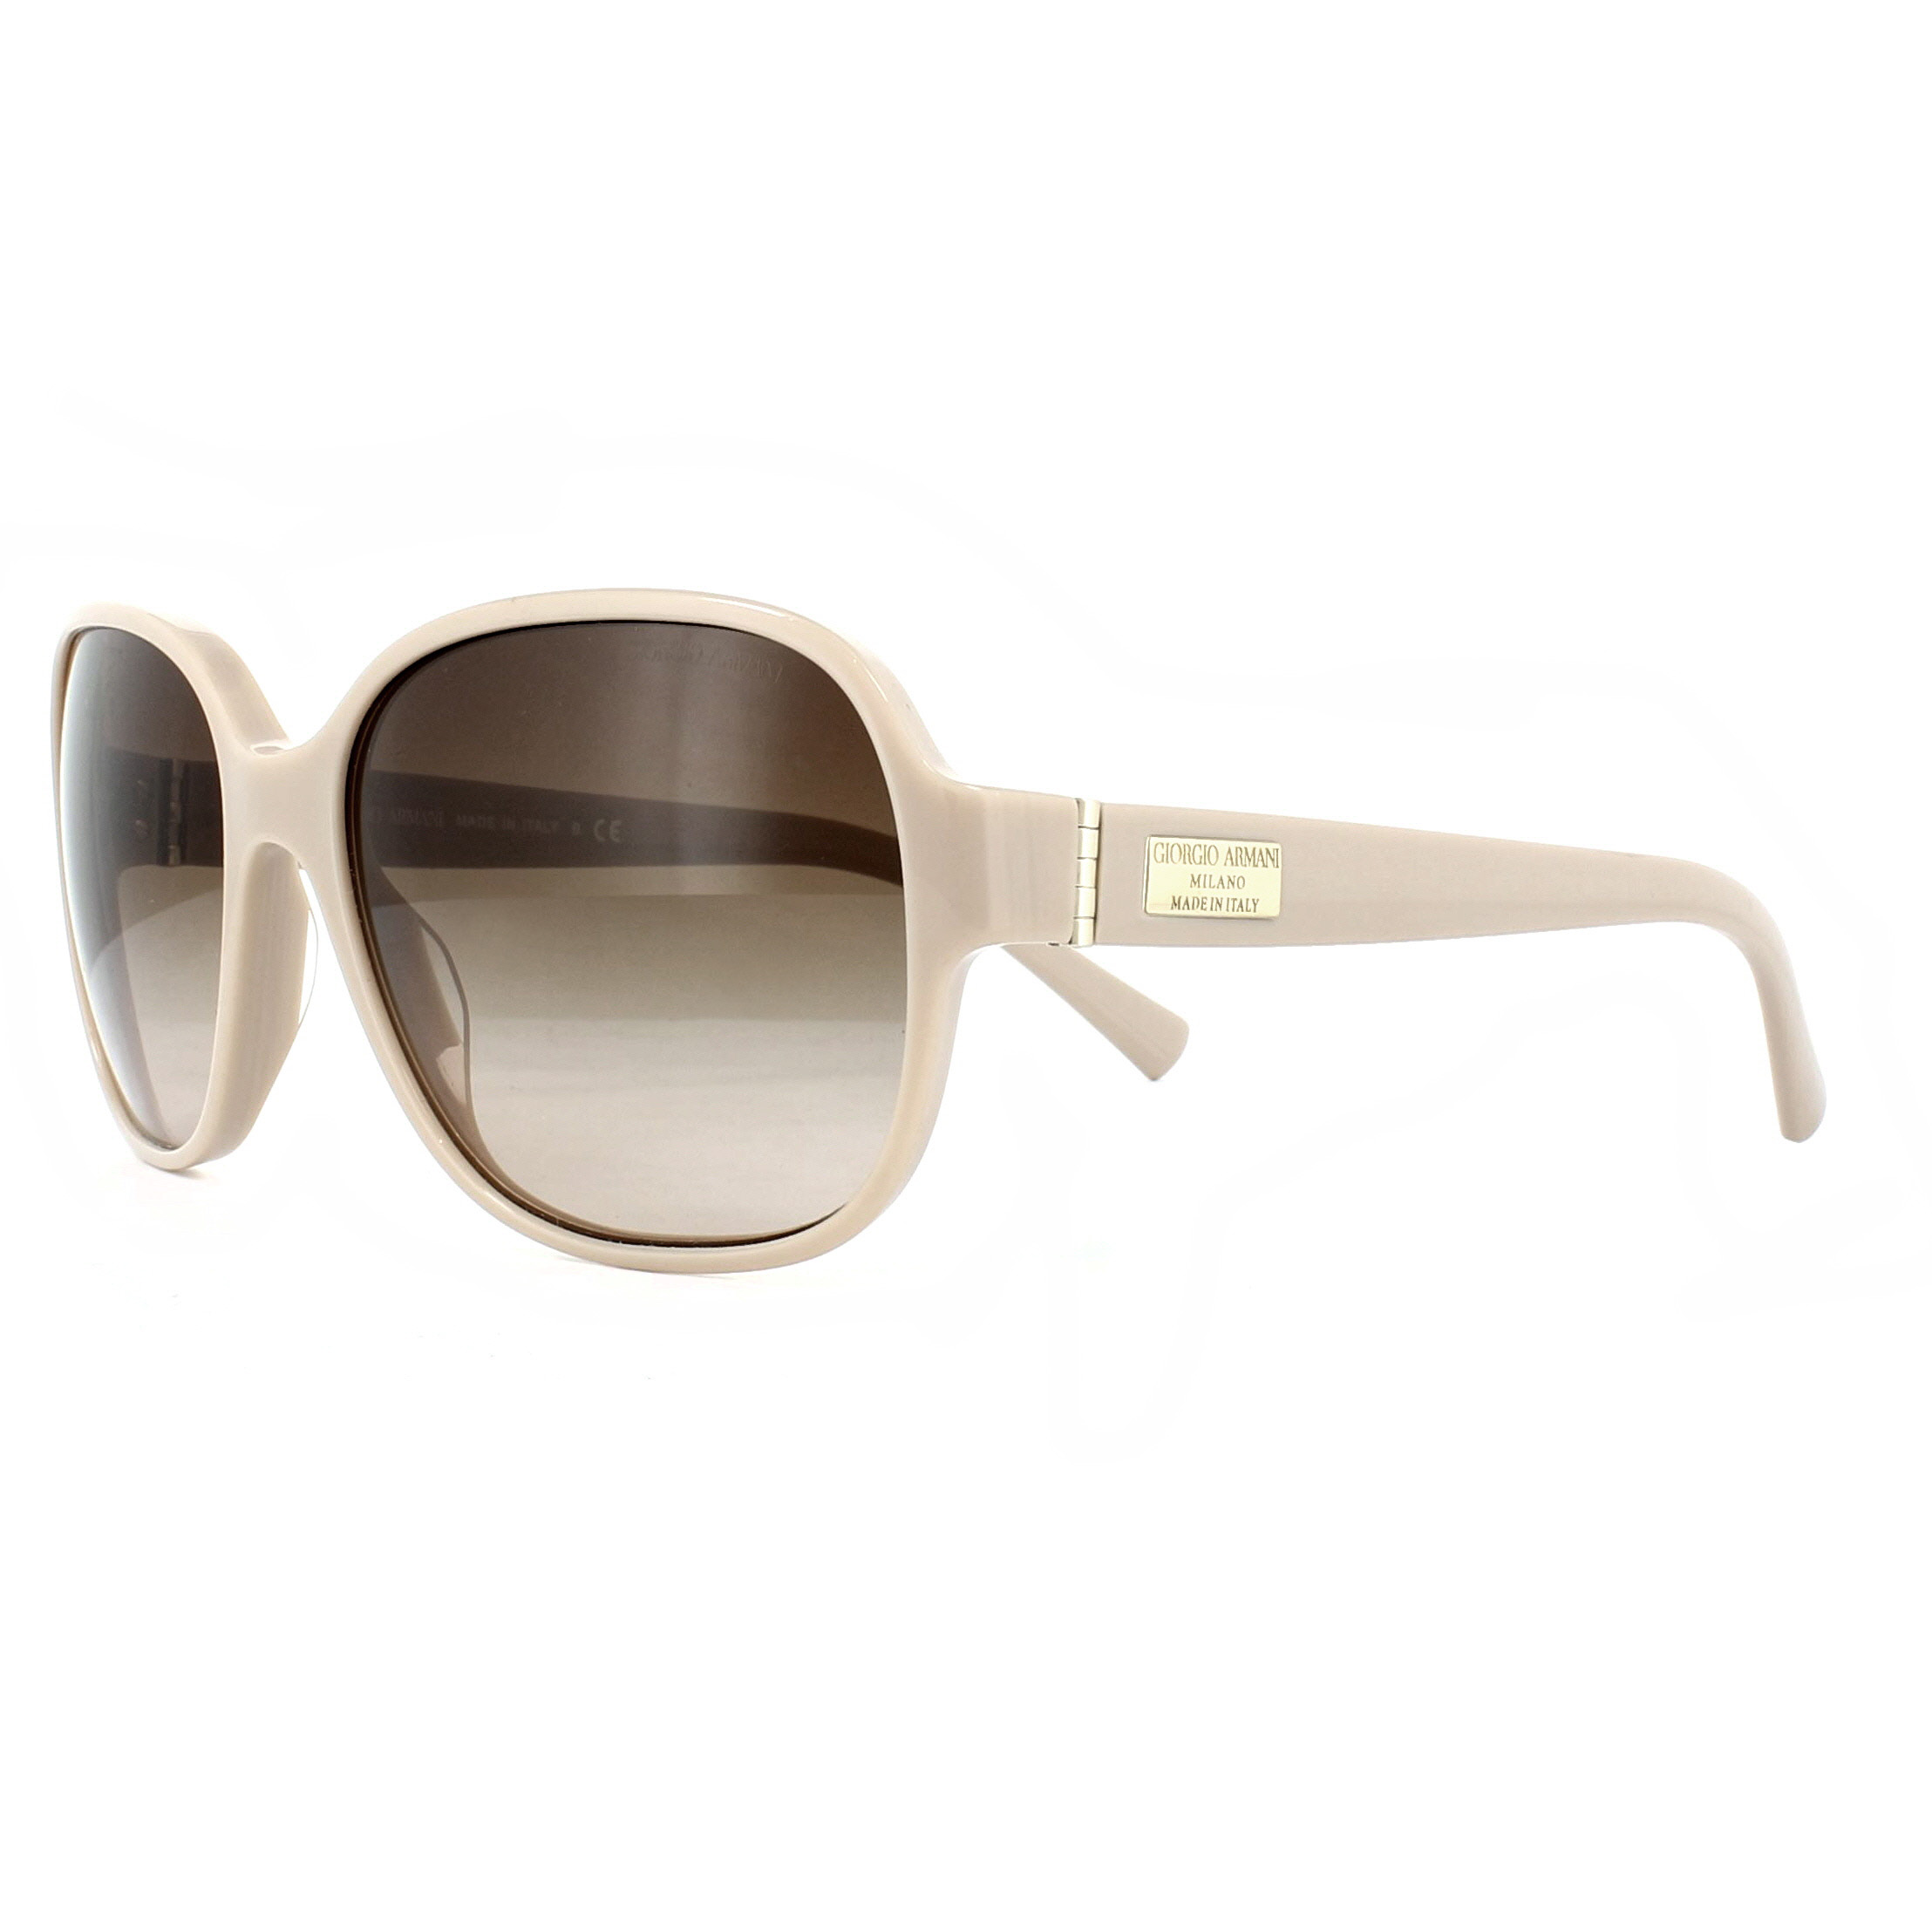 529b4254822d Sentinel Giorgio Armani Sunglasses AR8020 511713 Beige Brown Gradient